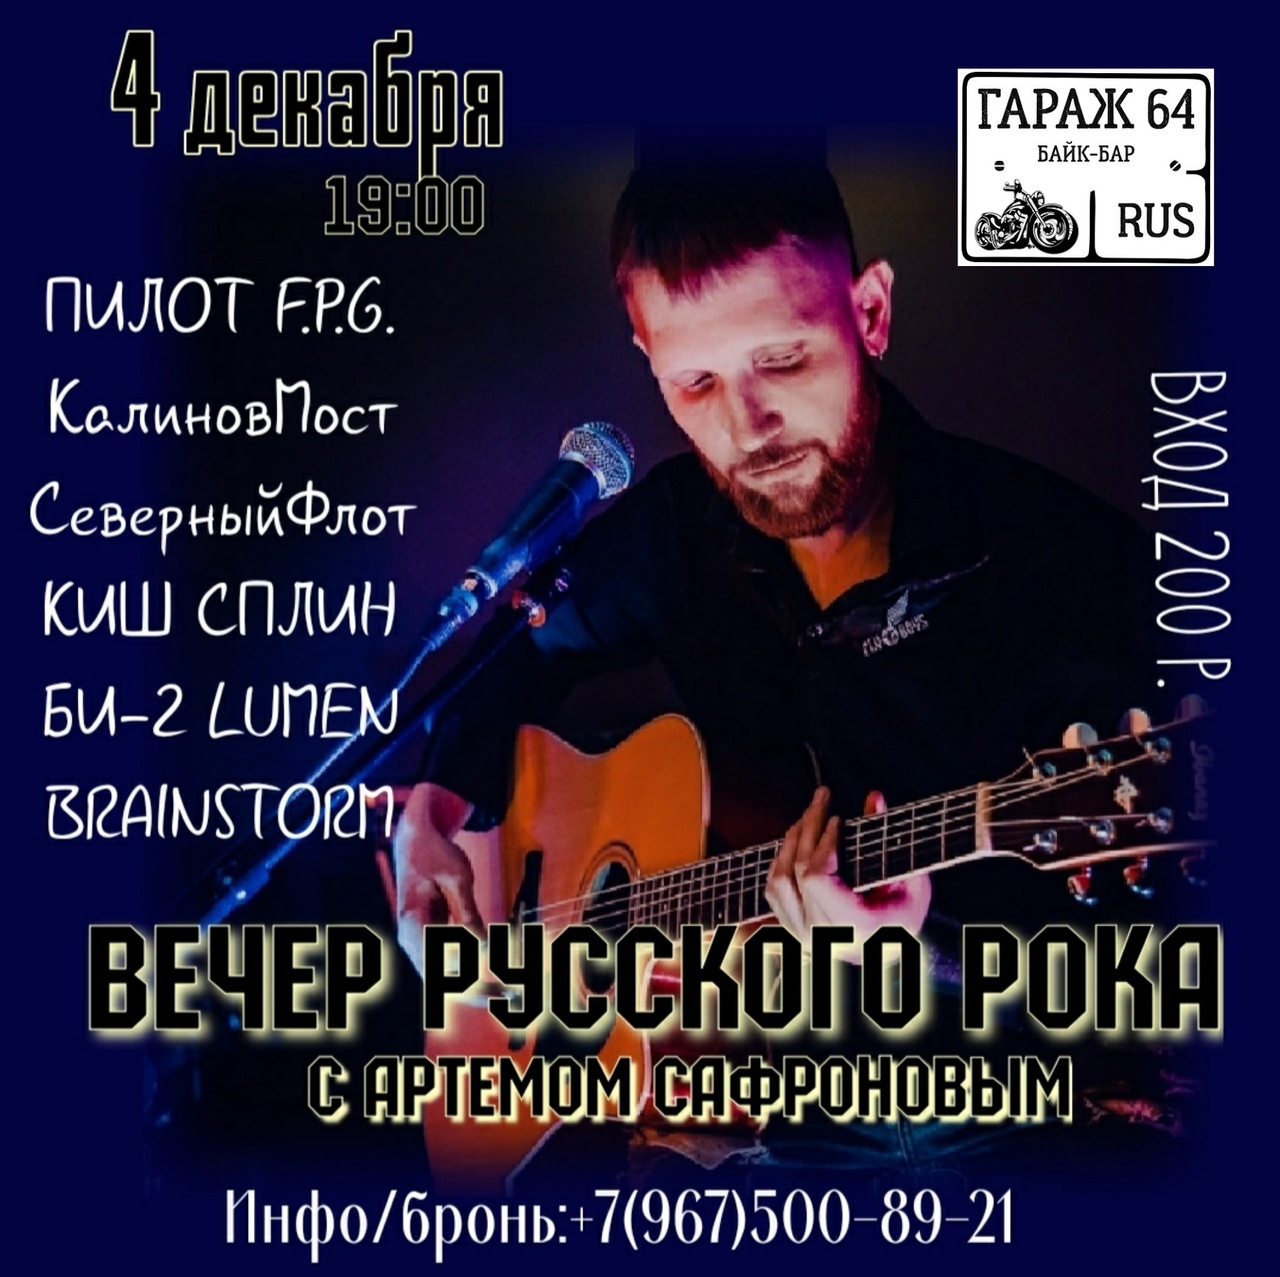 Афиша Вечер русского рока с А. Сафроновым/4.12